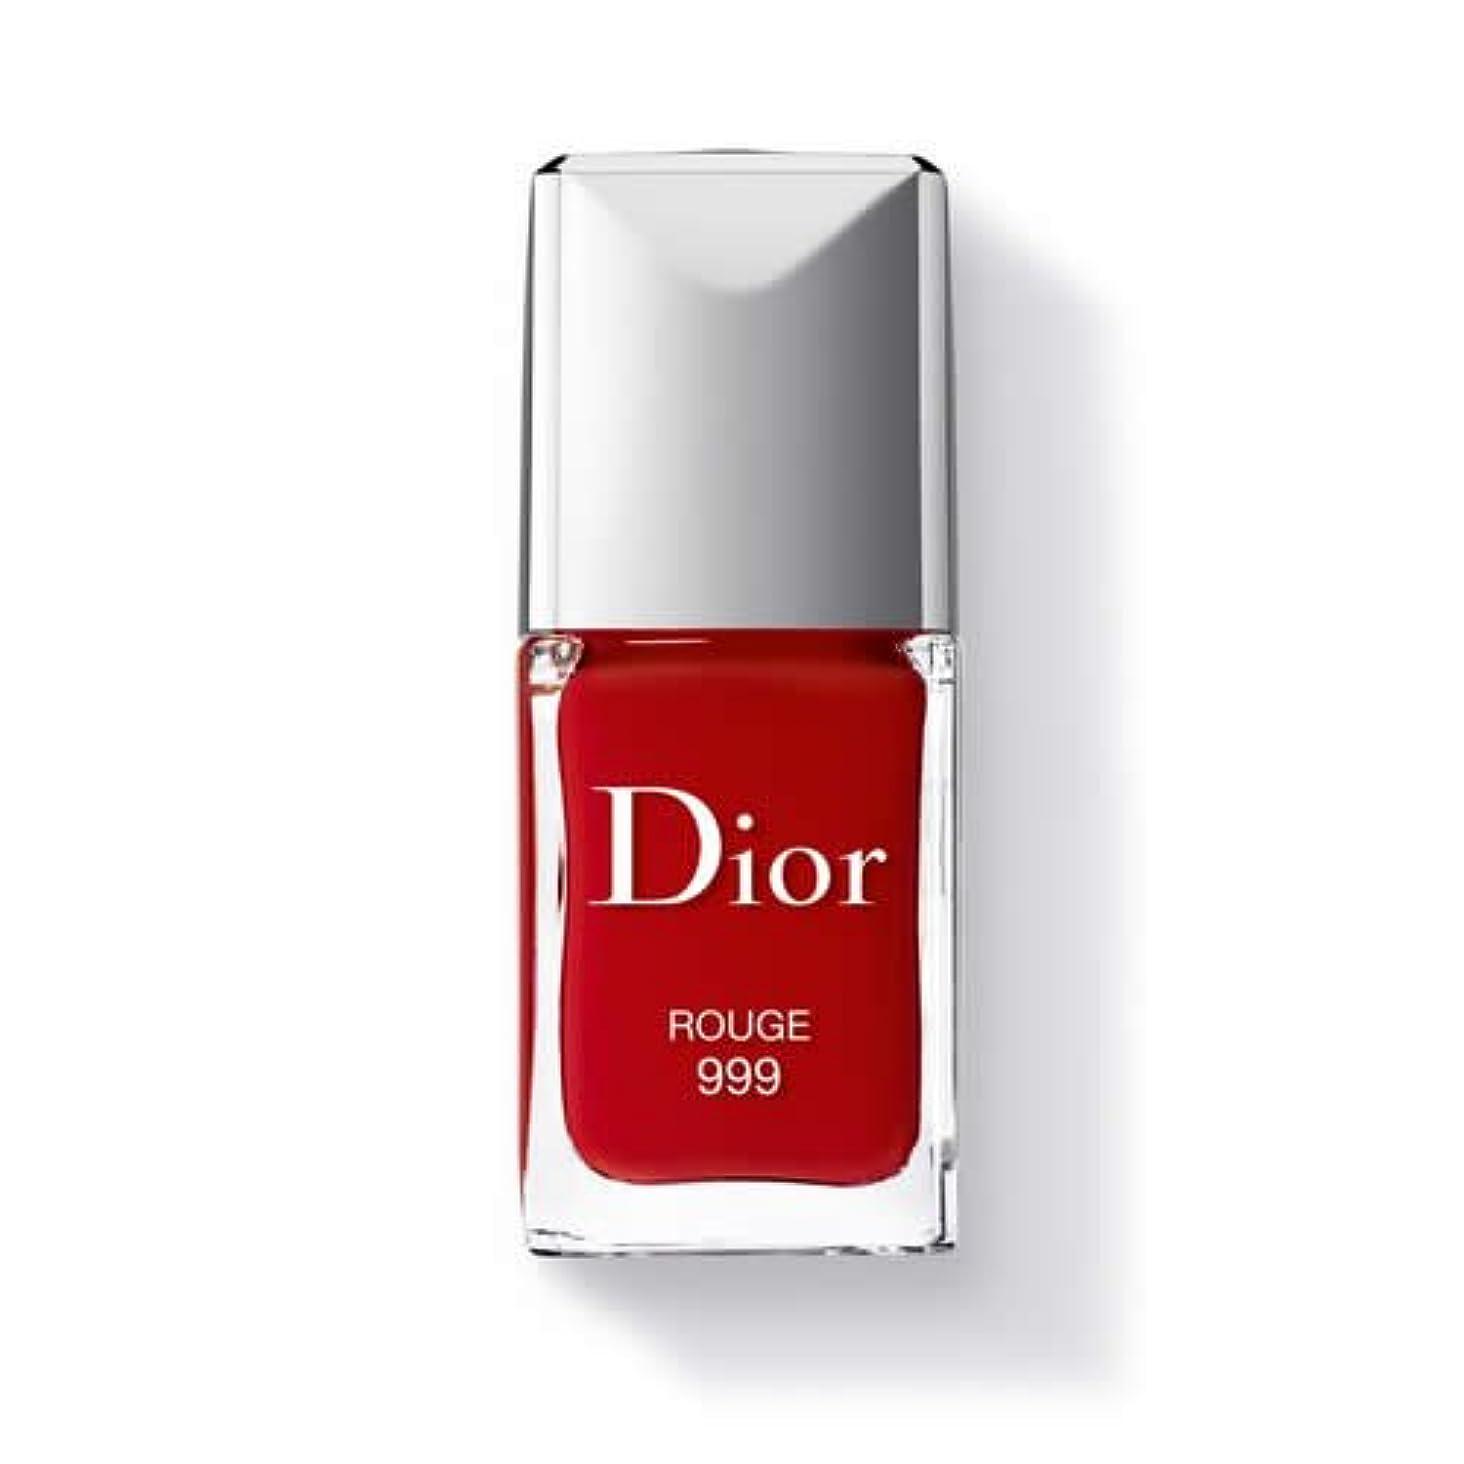 スキッパーシュリンク面倒Dior ディオールヴェルニ #999 ルージュ999 / 10ml [207980] [並行輸入品]